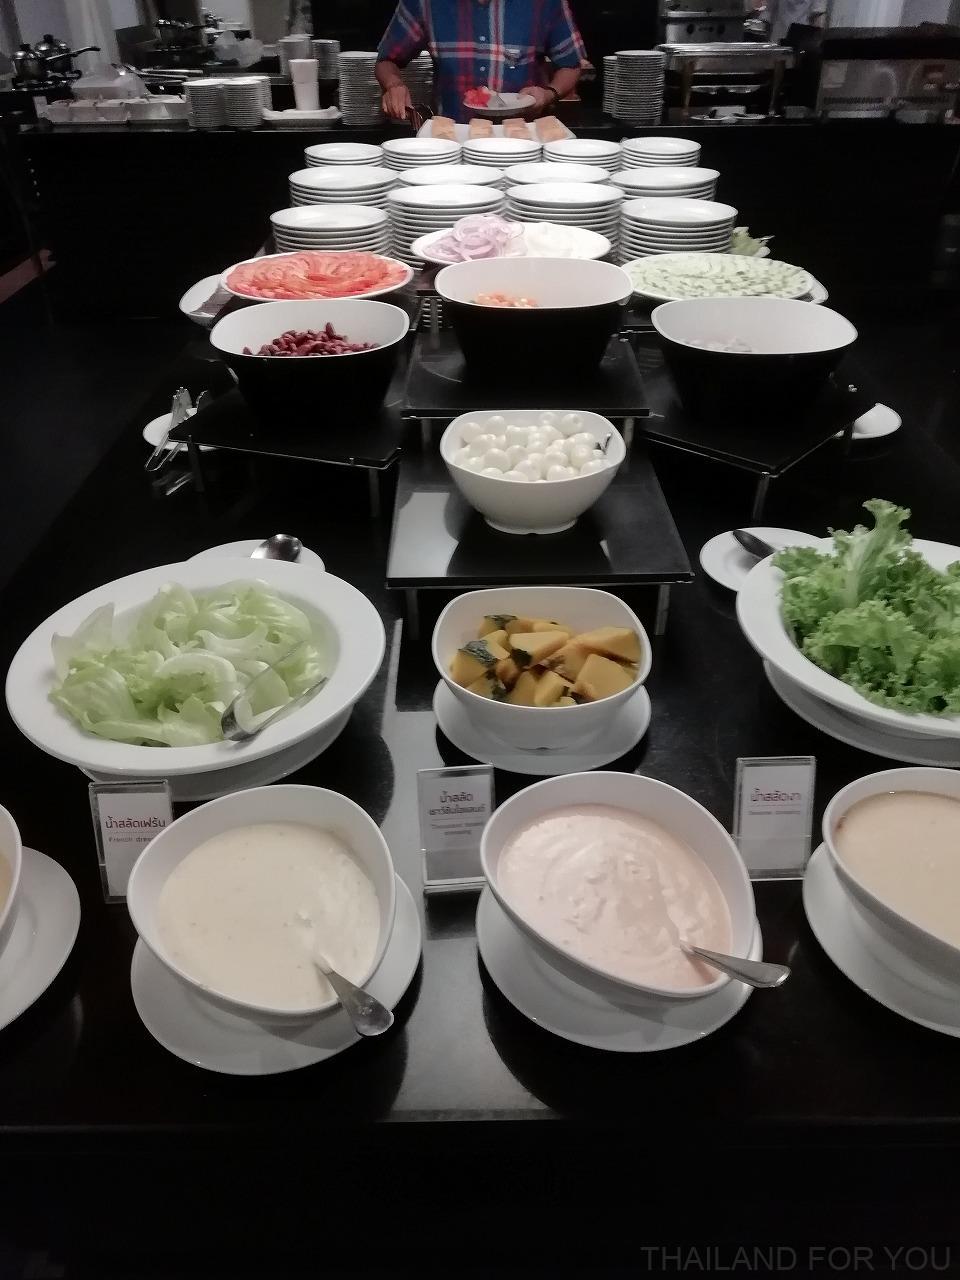 スニーグランドホテル ウボンラチャタニ 朝食 写真